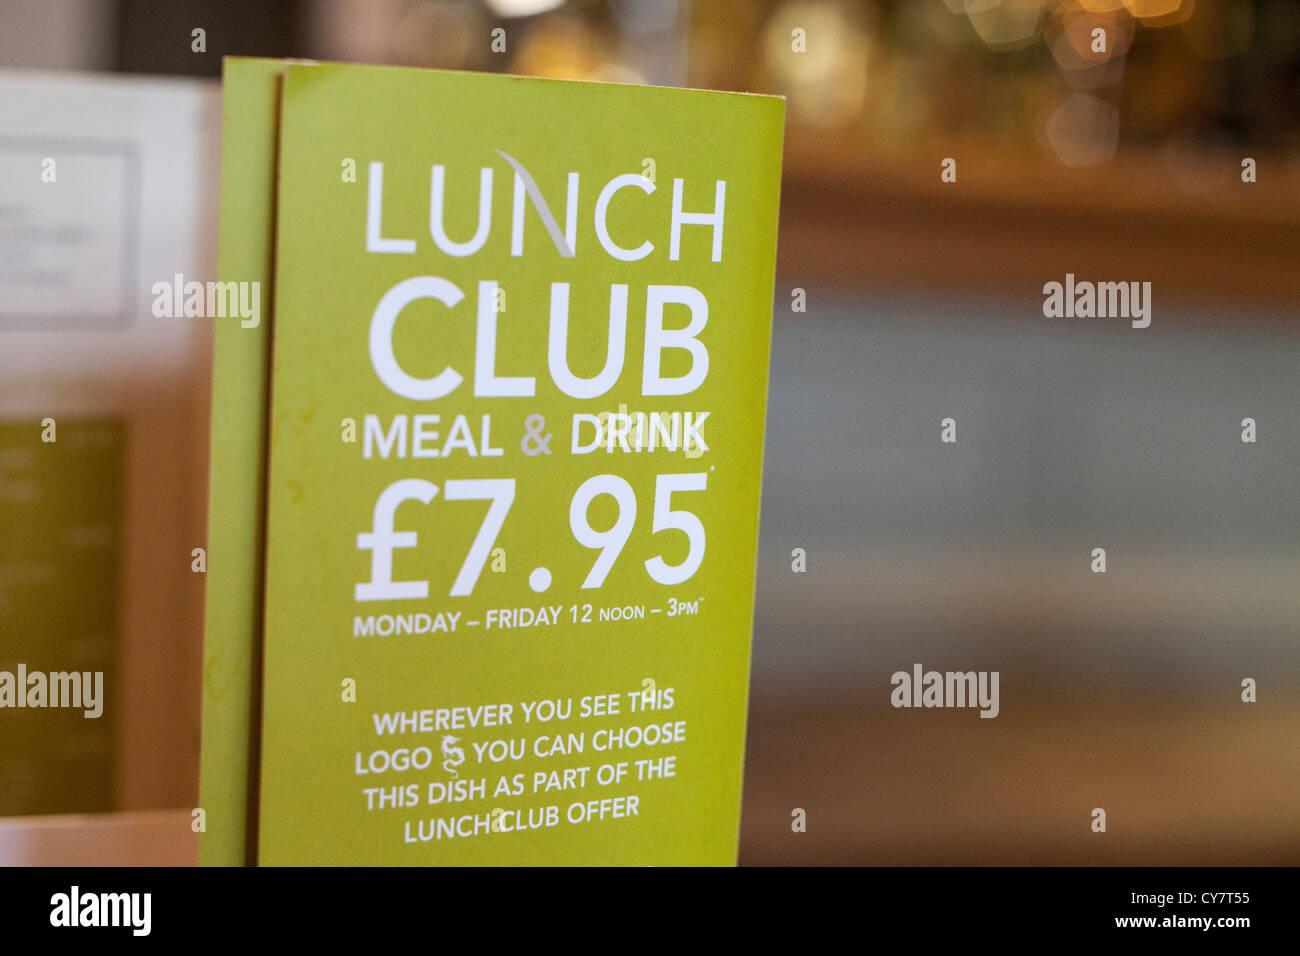 Ein Pub Club Mittagsmenü für eine Mahlzeit und Getränke Angebot ...